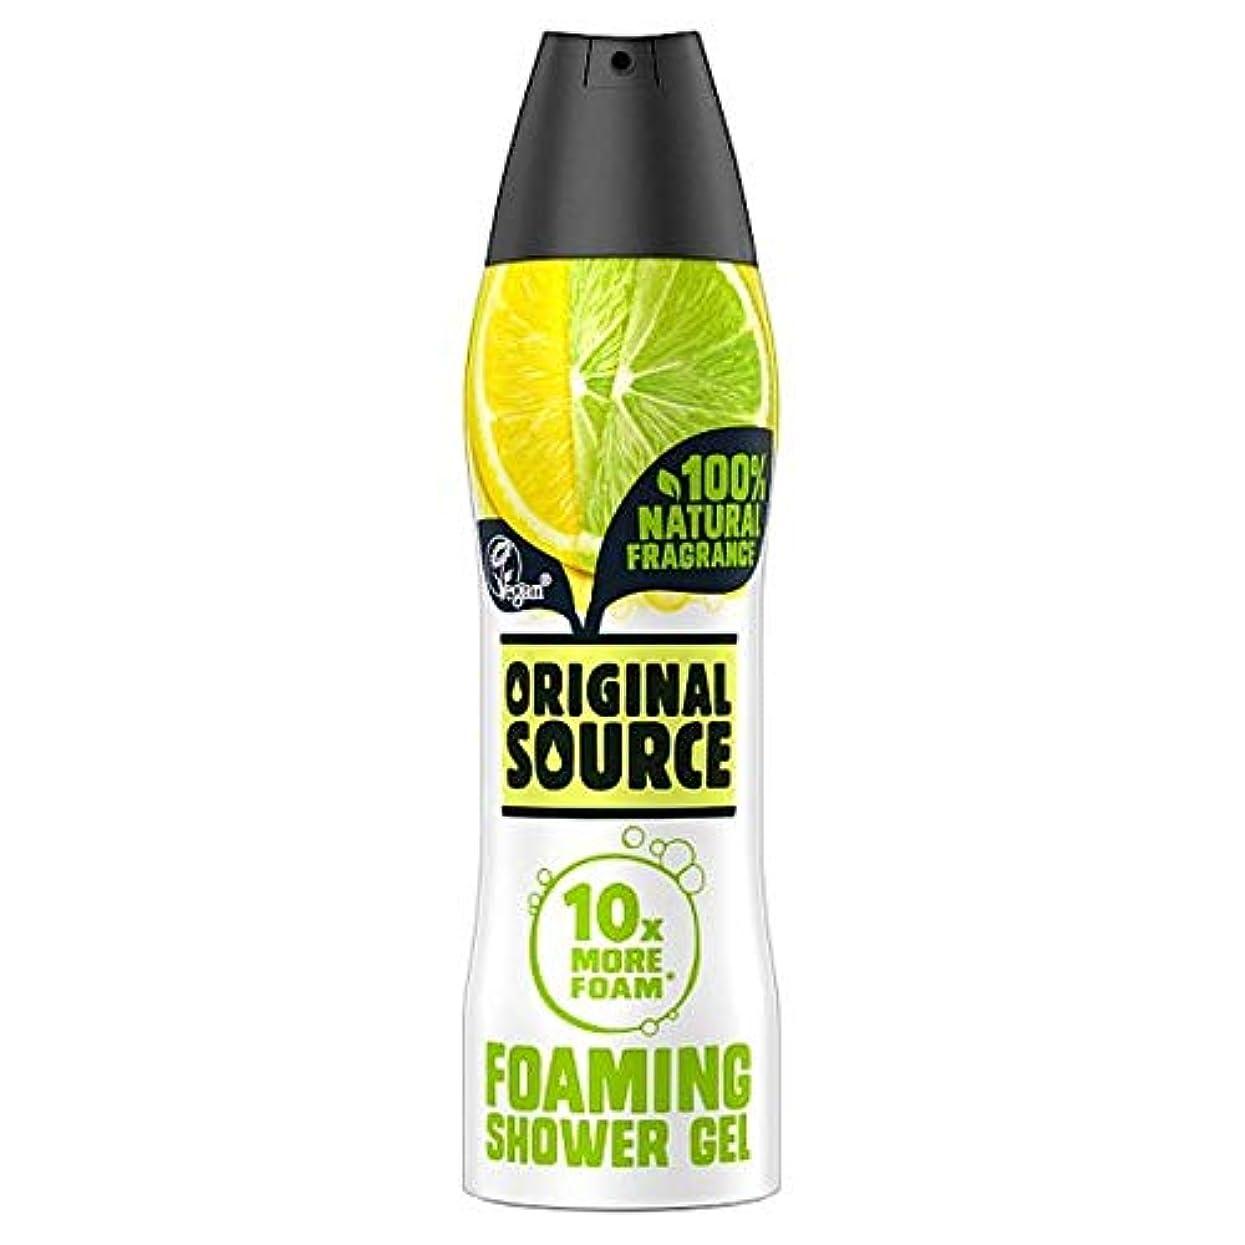 神秘的な足結論[Original Source] 元のソースレモンとライムシャワージェル180ミリリットル - Original Source Lemon And Lime Shower Gel 180Ml [並行輸入品]